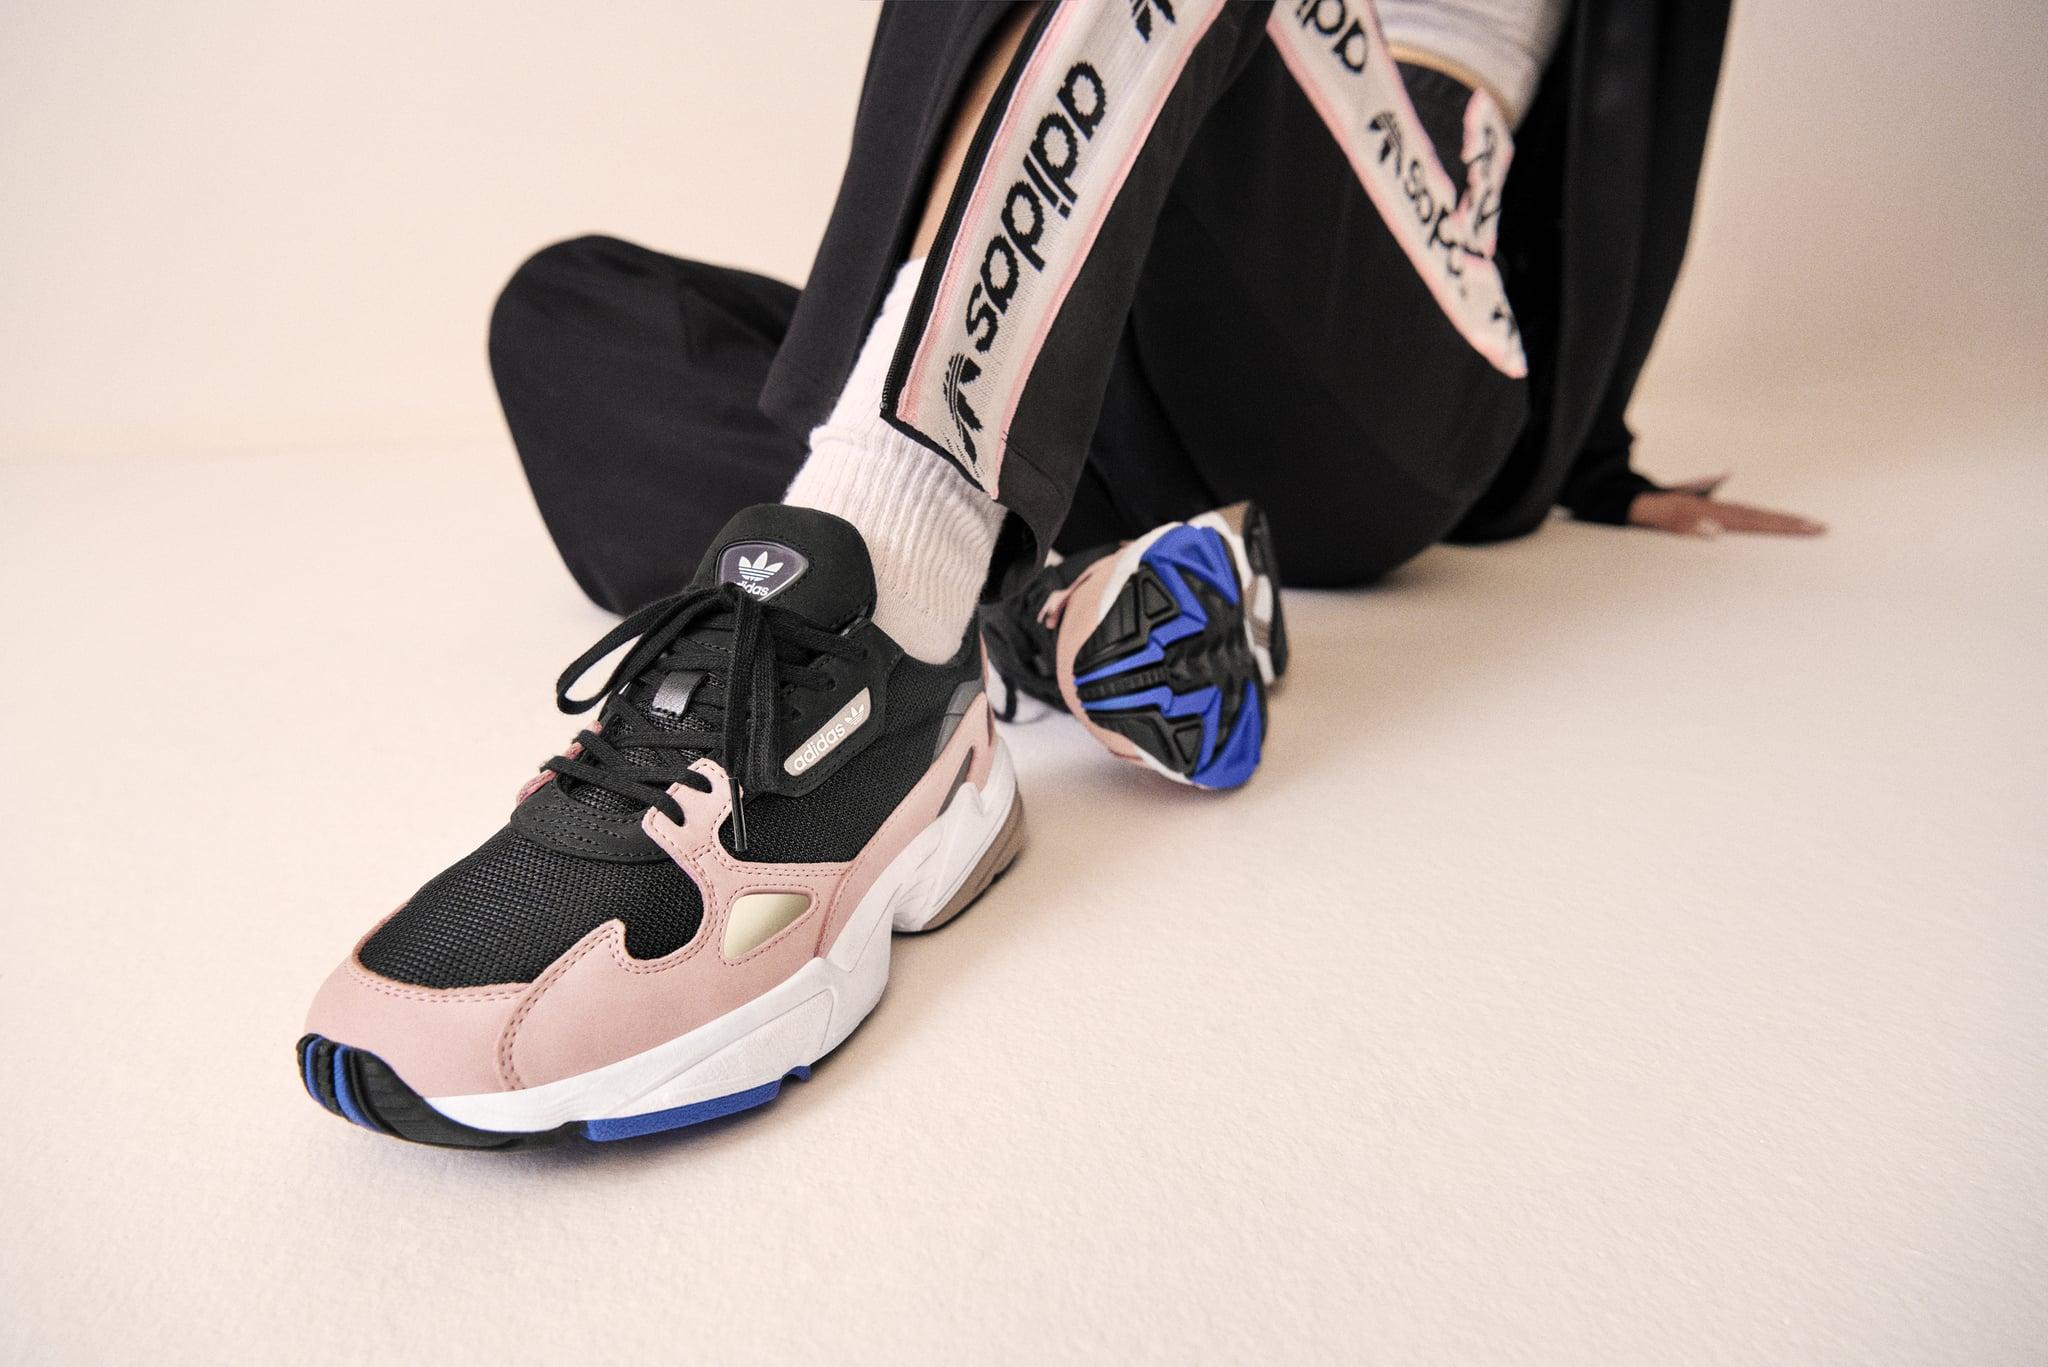 adidas schoenen kylie jenner